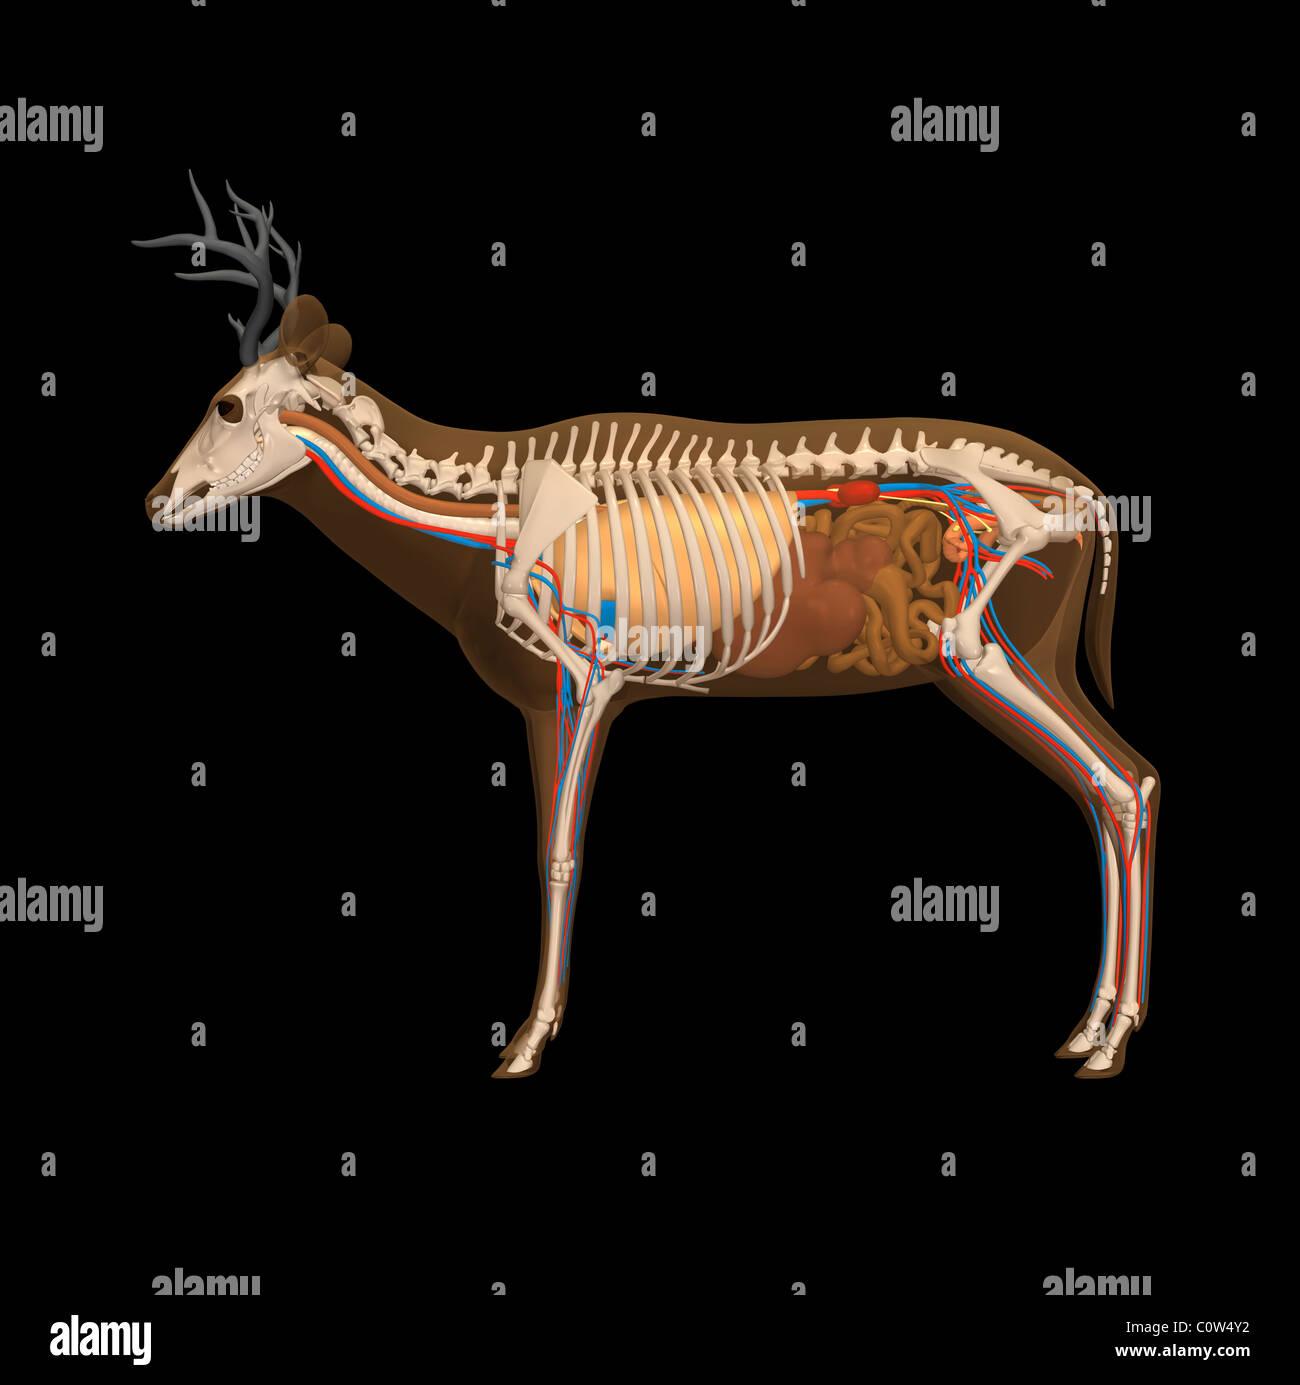 Hirsch-Anatomie Stockfoto, Bild: 34973430 - Alamy